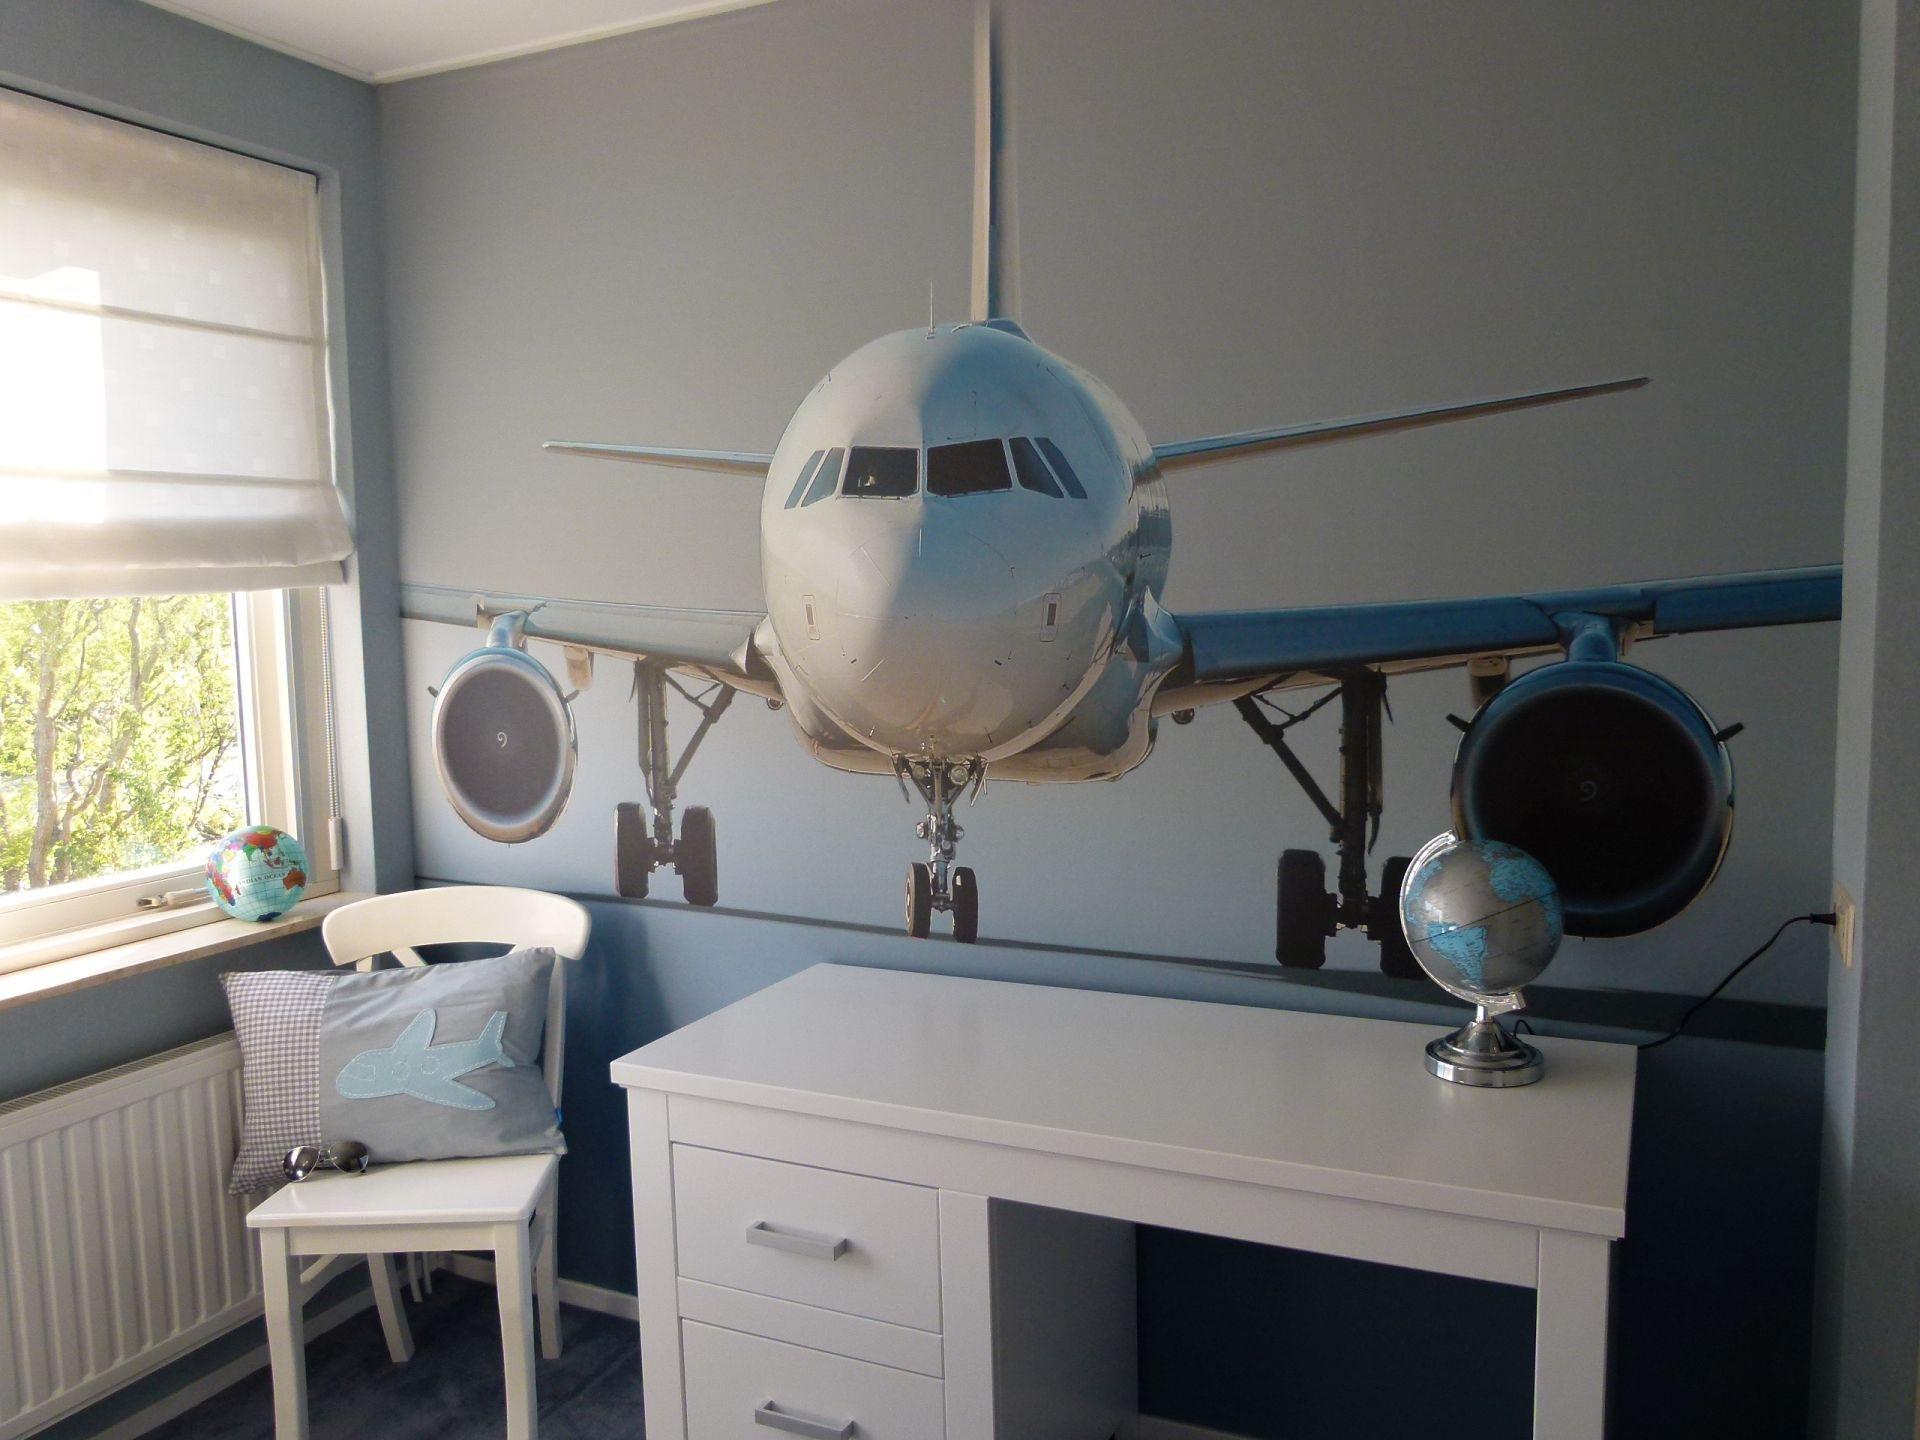 Vliegtuig kinderkamer jongenskamer behang kinderkamer jongen grijs nursery boy gray - Modern behang voor volwassen kamer ...